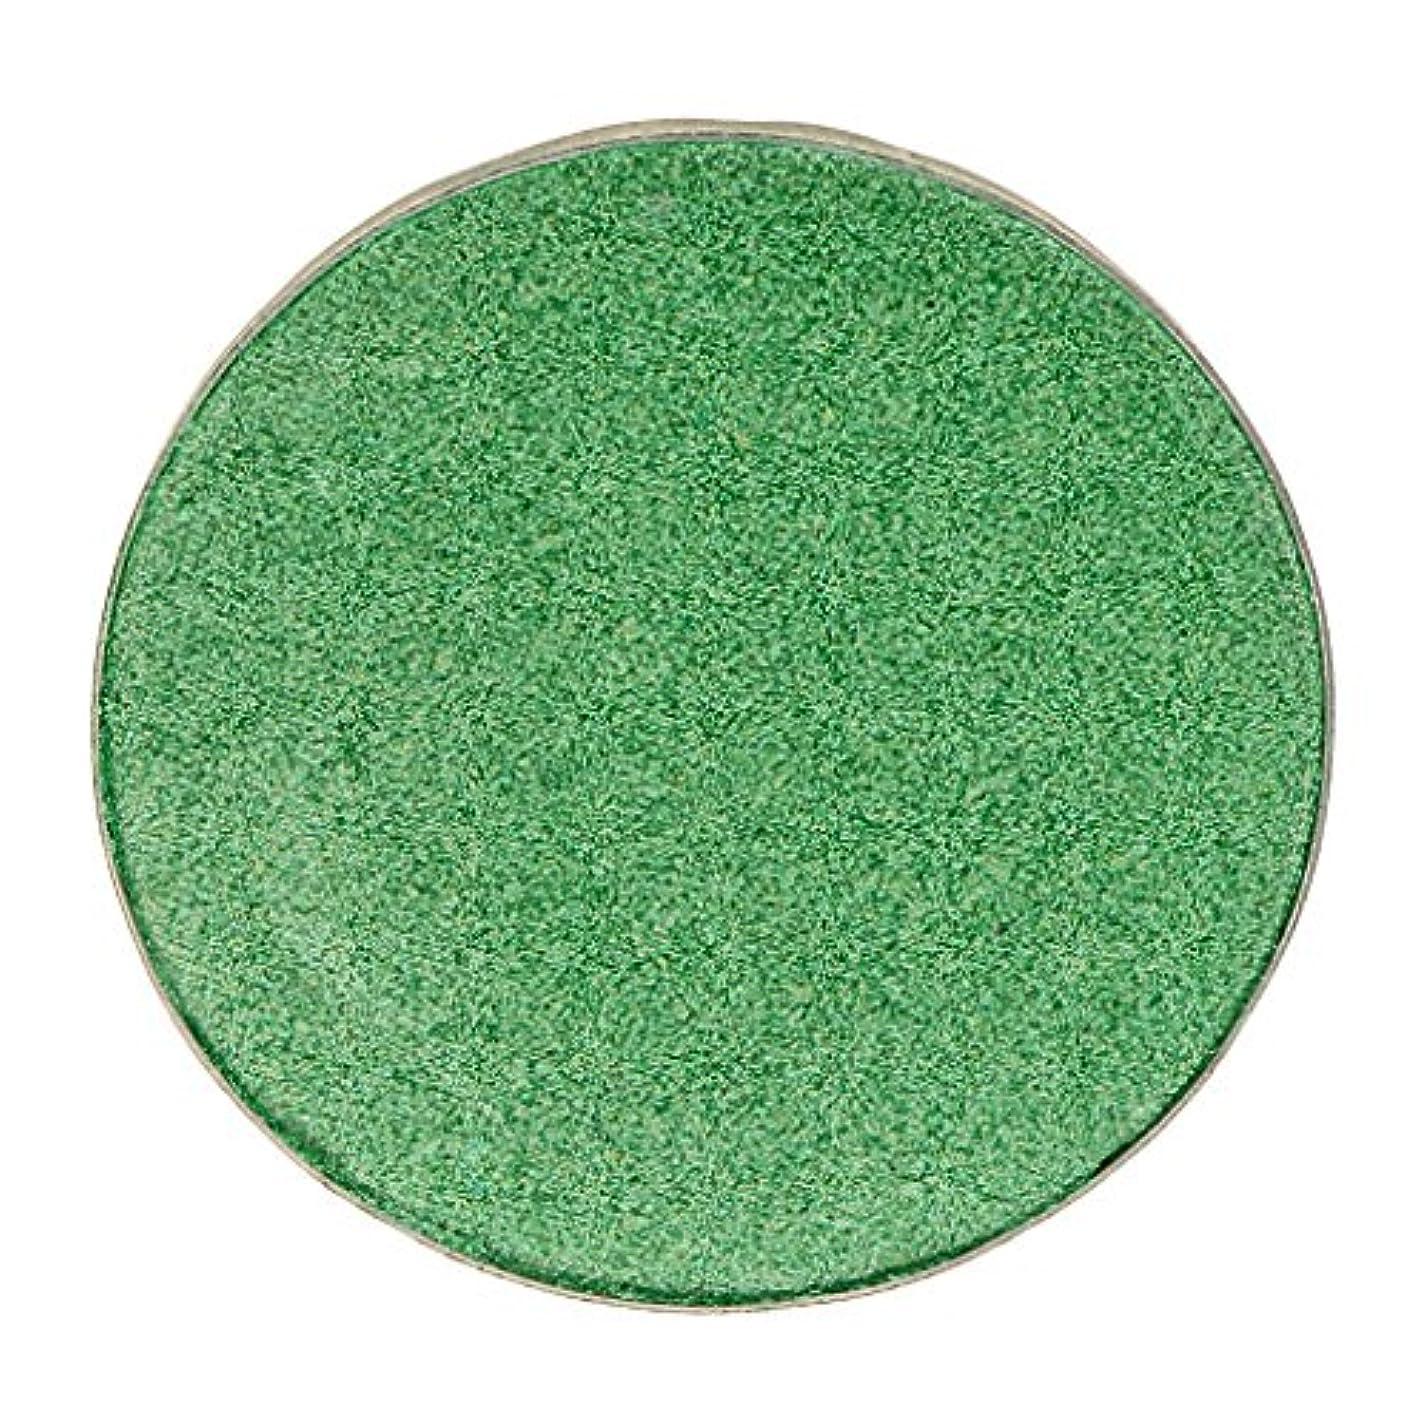 巧みな連隊生じる化粧品用 アイシャドウ ハイライター パレット マット シマー アイシャドーメイク 結婚式 パーティー 全5色 - #38グリーン